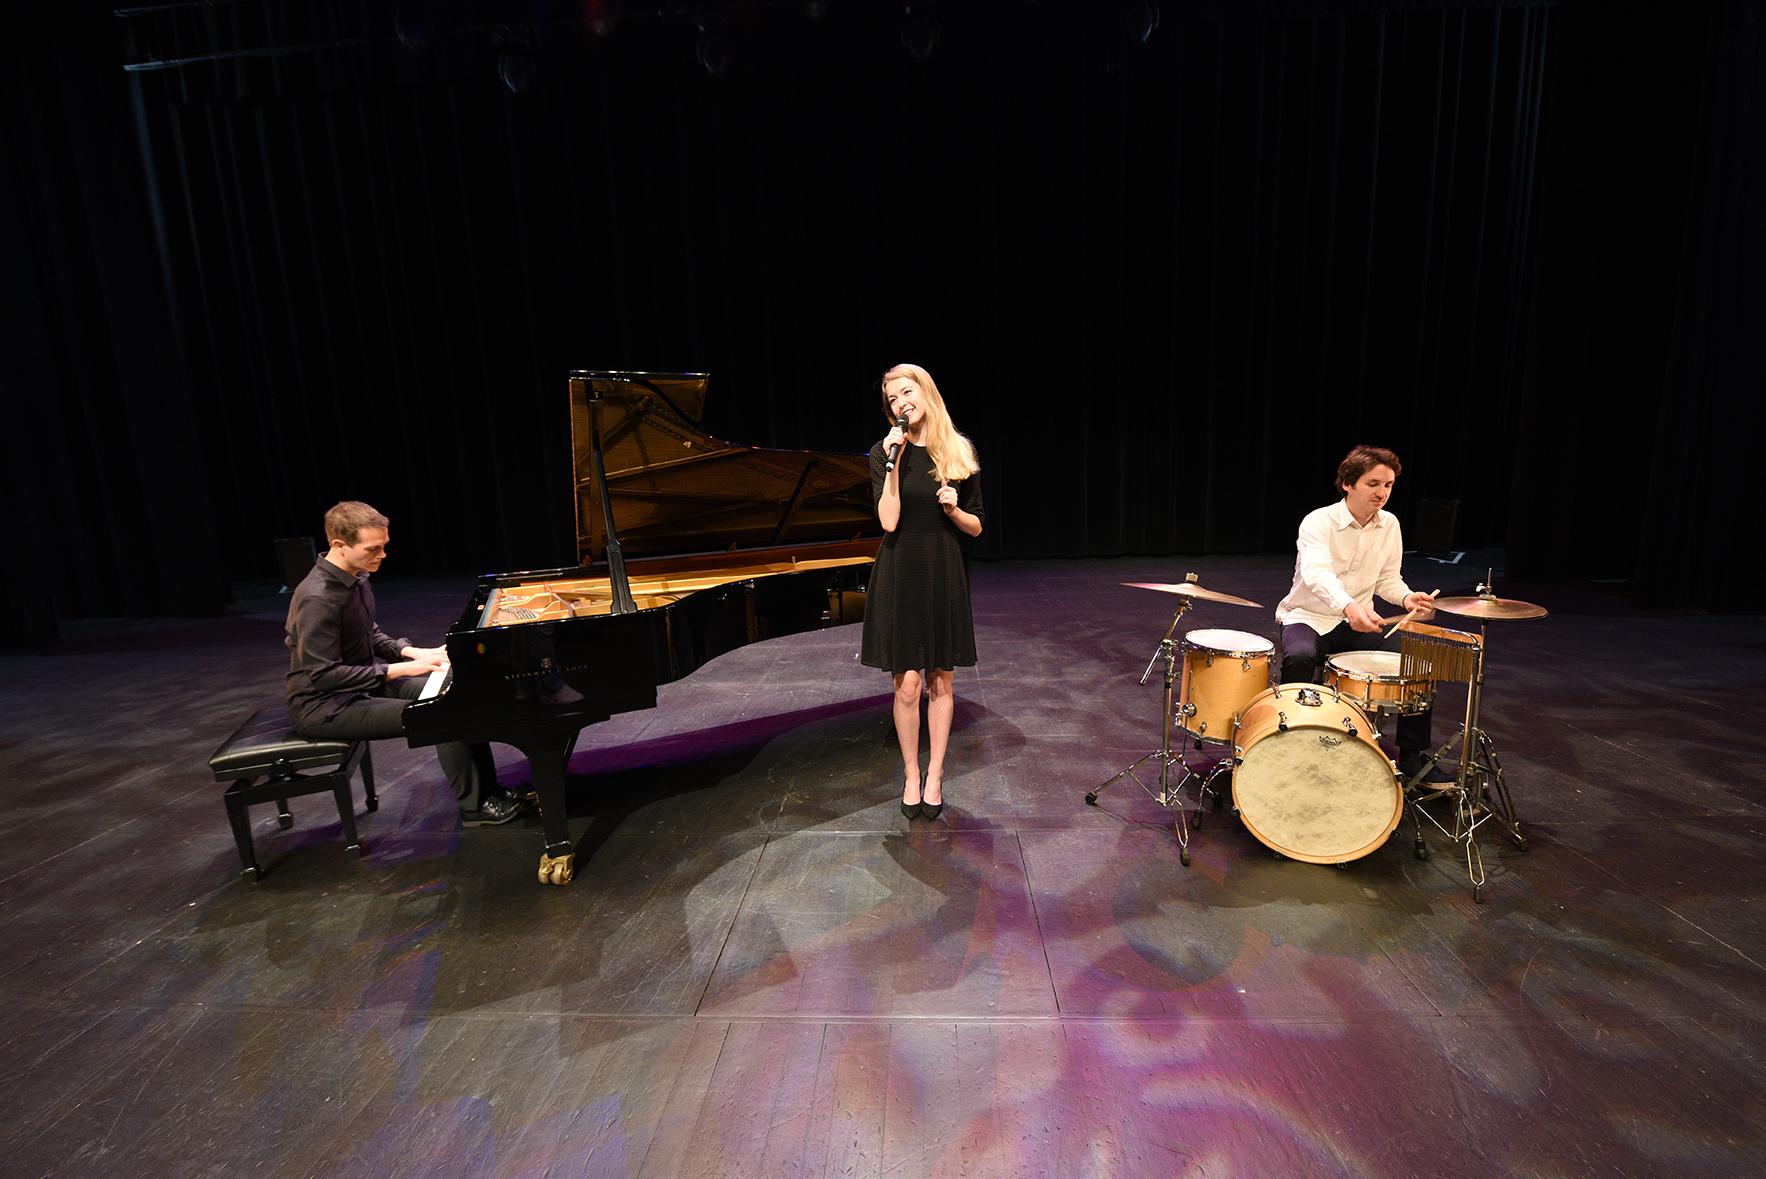 Groupe de musique variété jazz • événement, mariage, cocktail, vin d'honneur •Nantes Paris Rouen Caen